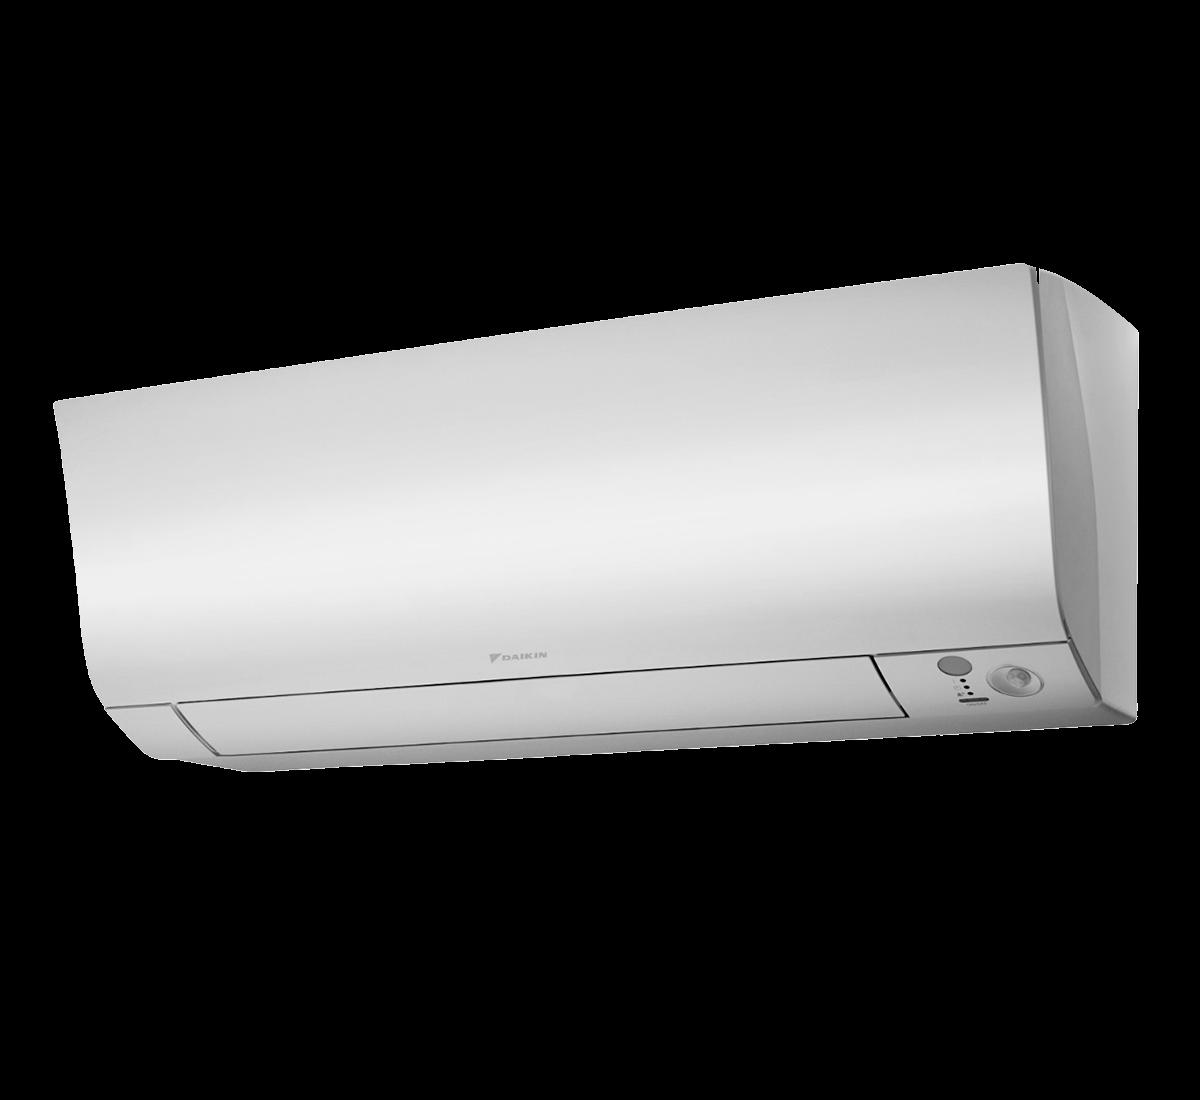 aire acondicionado unidad interior daikin inverter bluevolution ftxm25n modelo perfera txm25n instalacion incluida caseragua 03